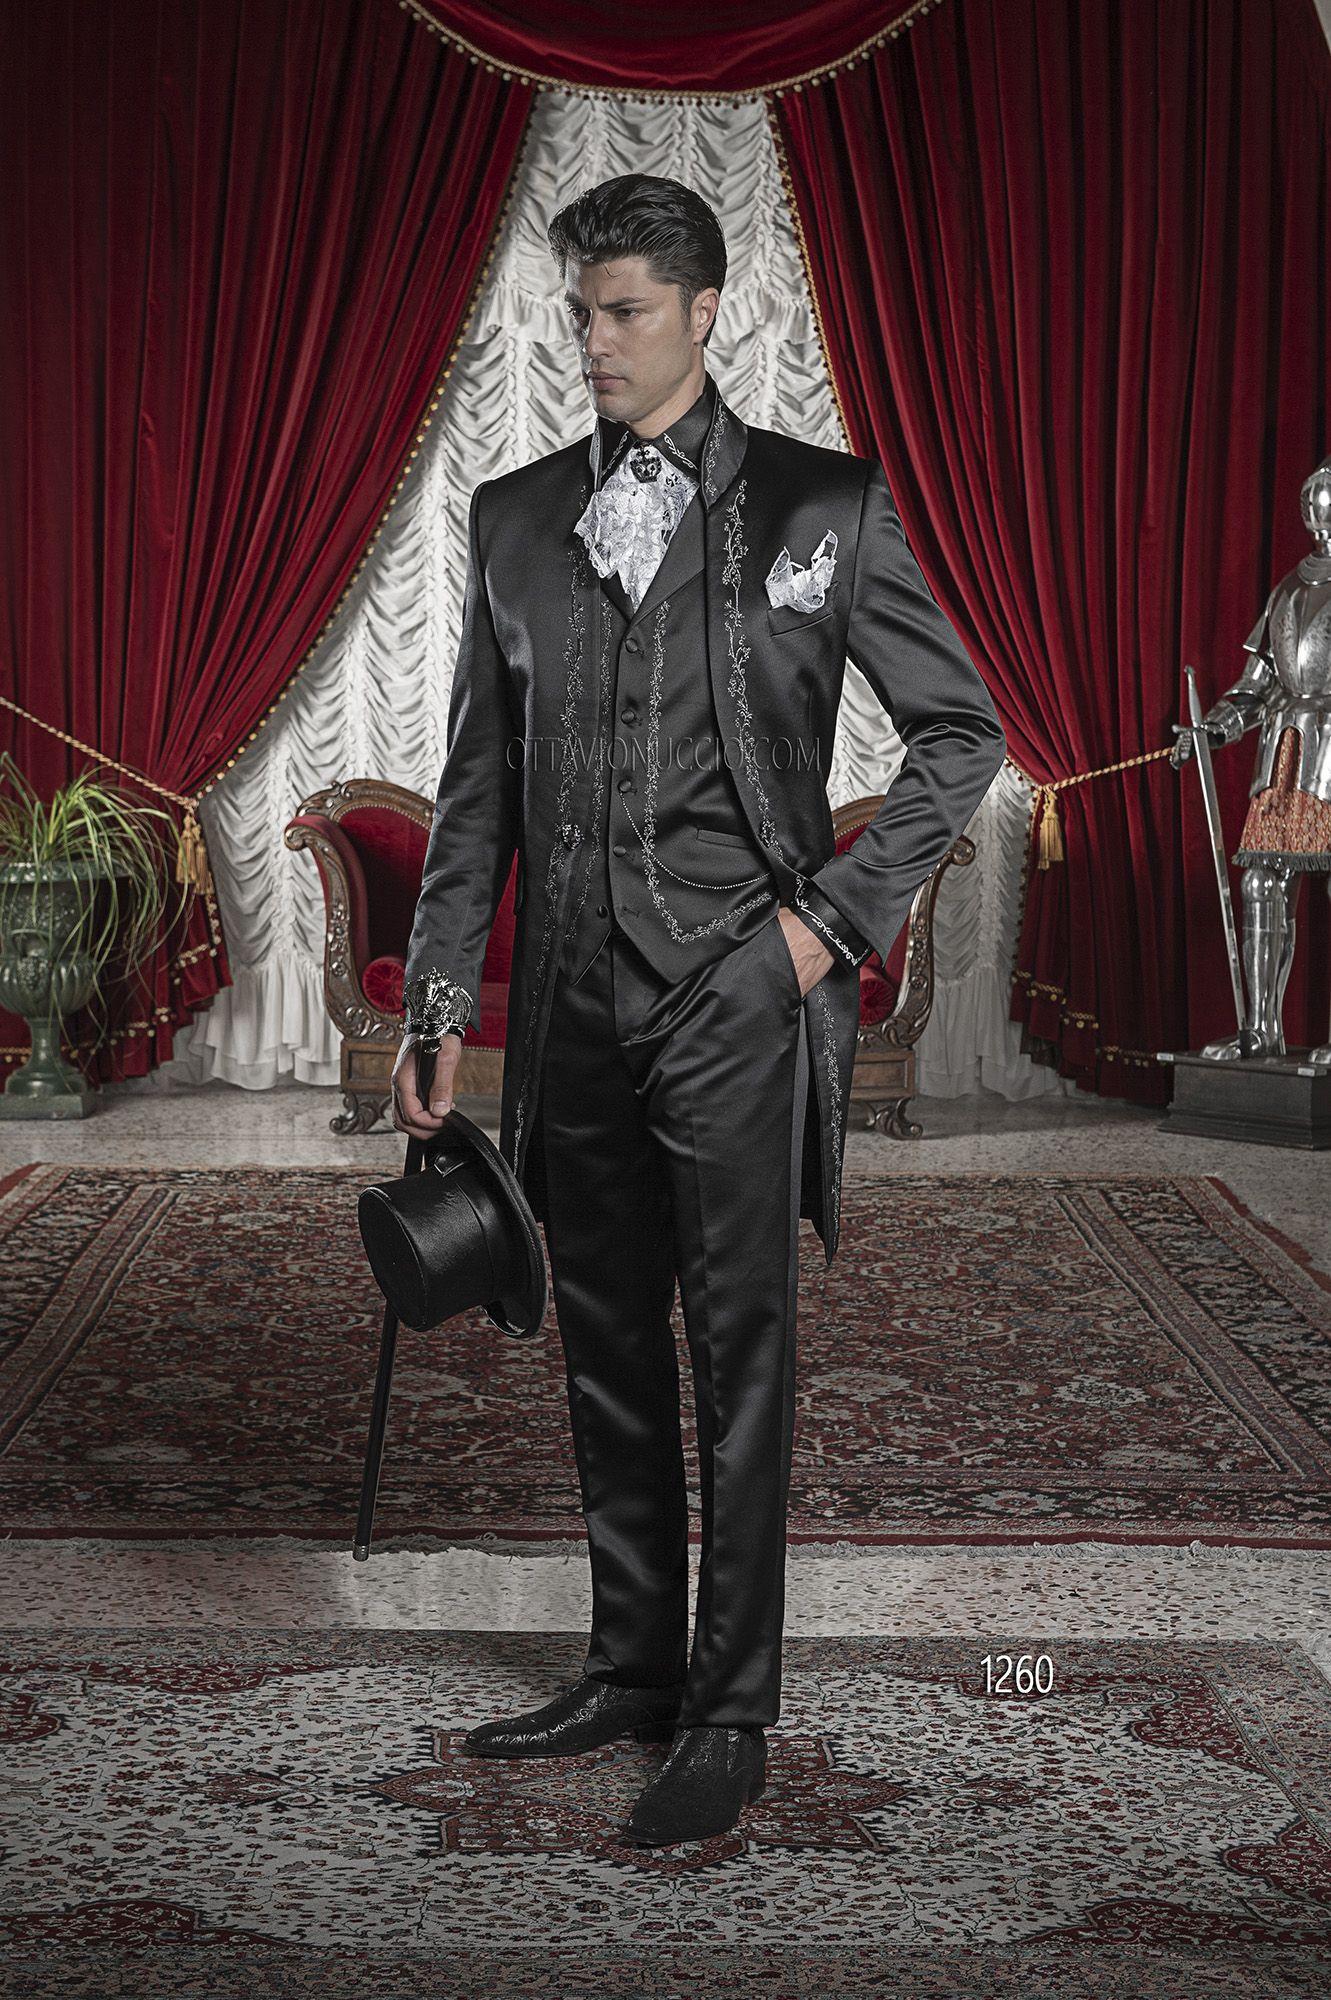 Matrimonio Bohemien Uomo : Abito da cerimonia uomo in raso nero ricamato nero e argento